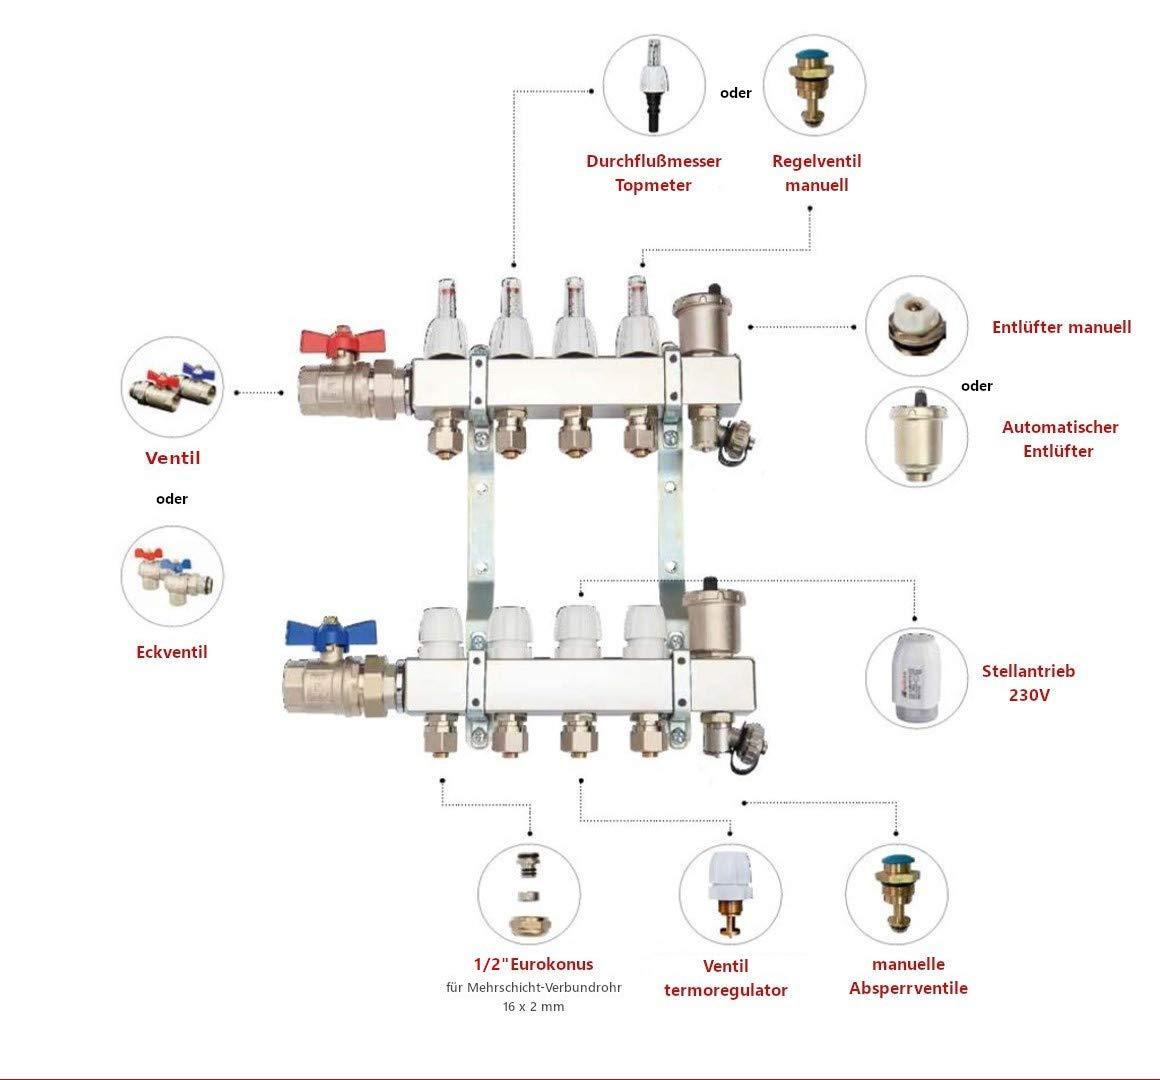 Aufputz Verteilerschrank Fu/ßbodenheizung Edelstahl-Heizkreisverteiler Stellantrieb SET mit Stellantrieb 230V, 8